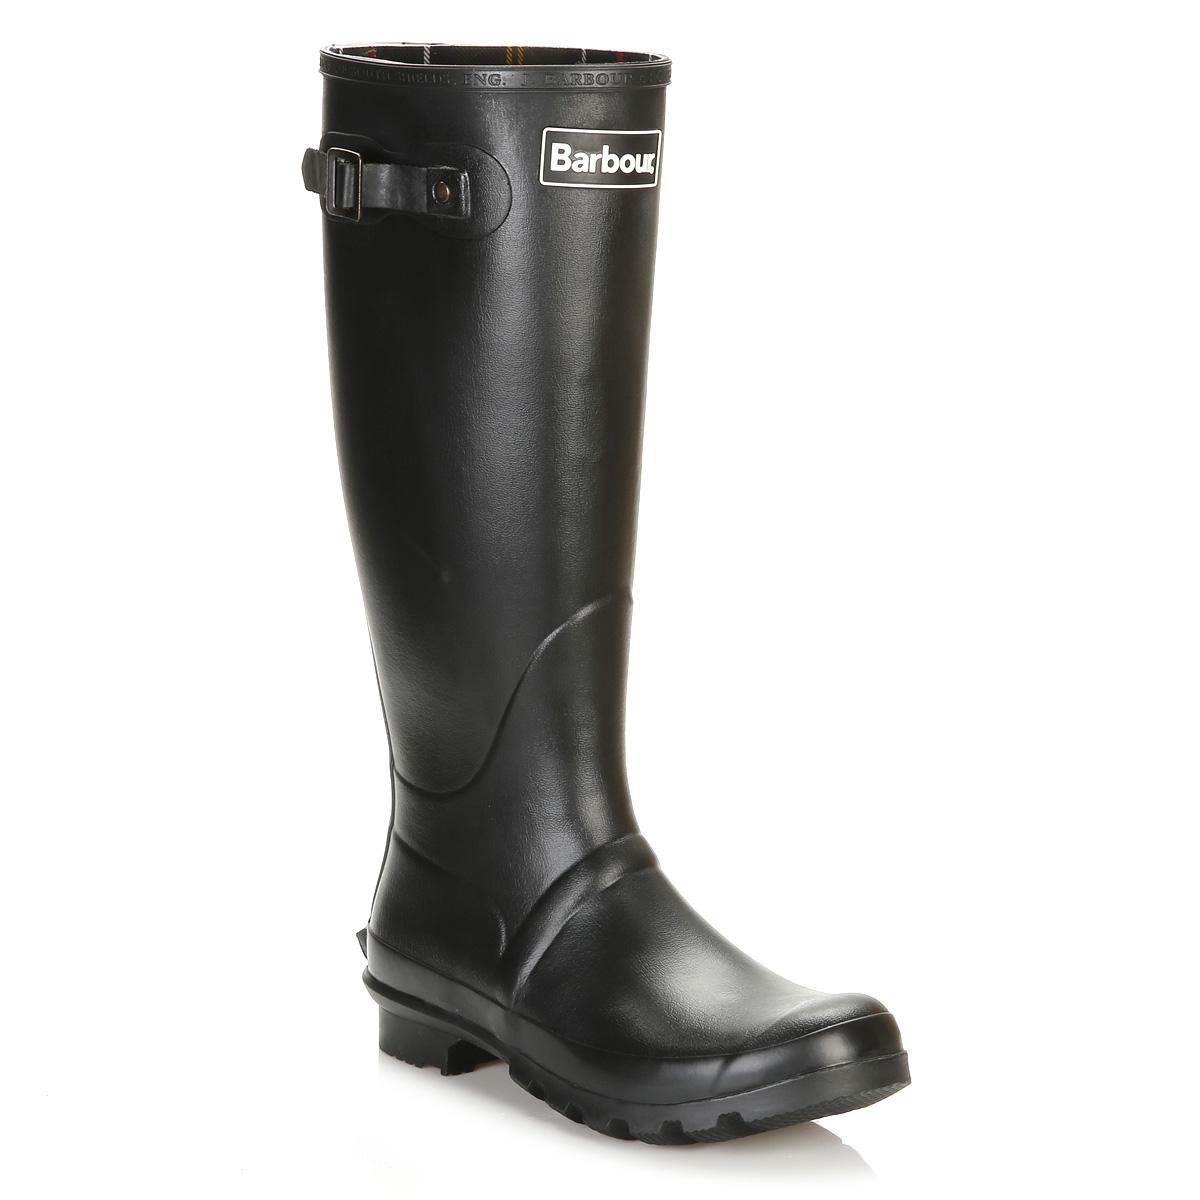 22555cfeece Lyst - Barbour Mens Black Bede Wellington Boots in Black for Men